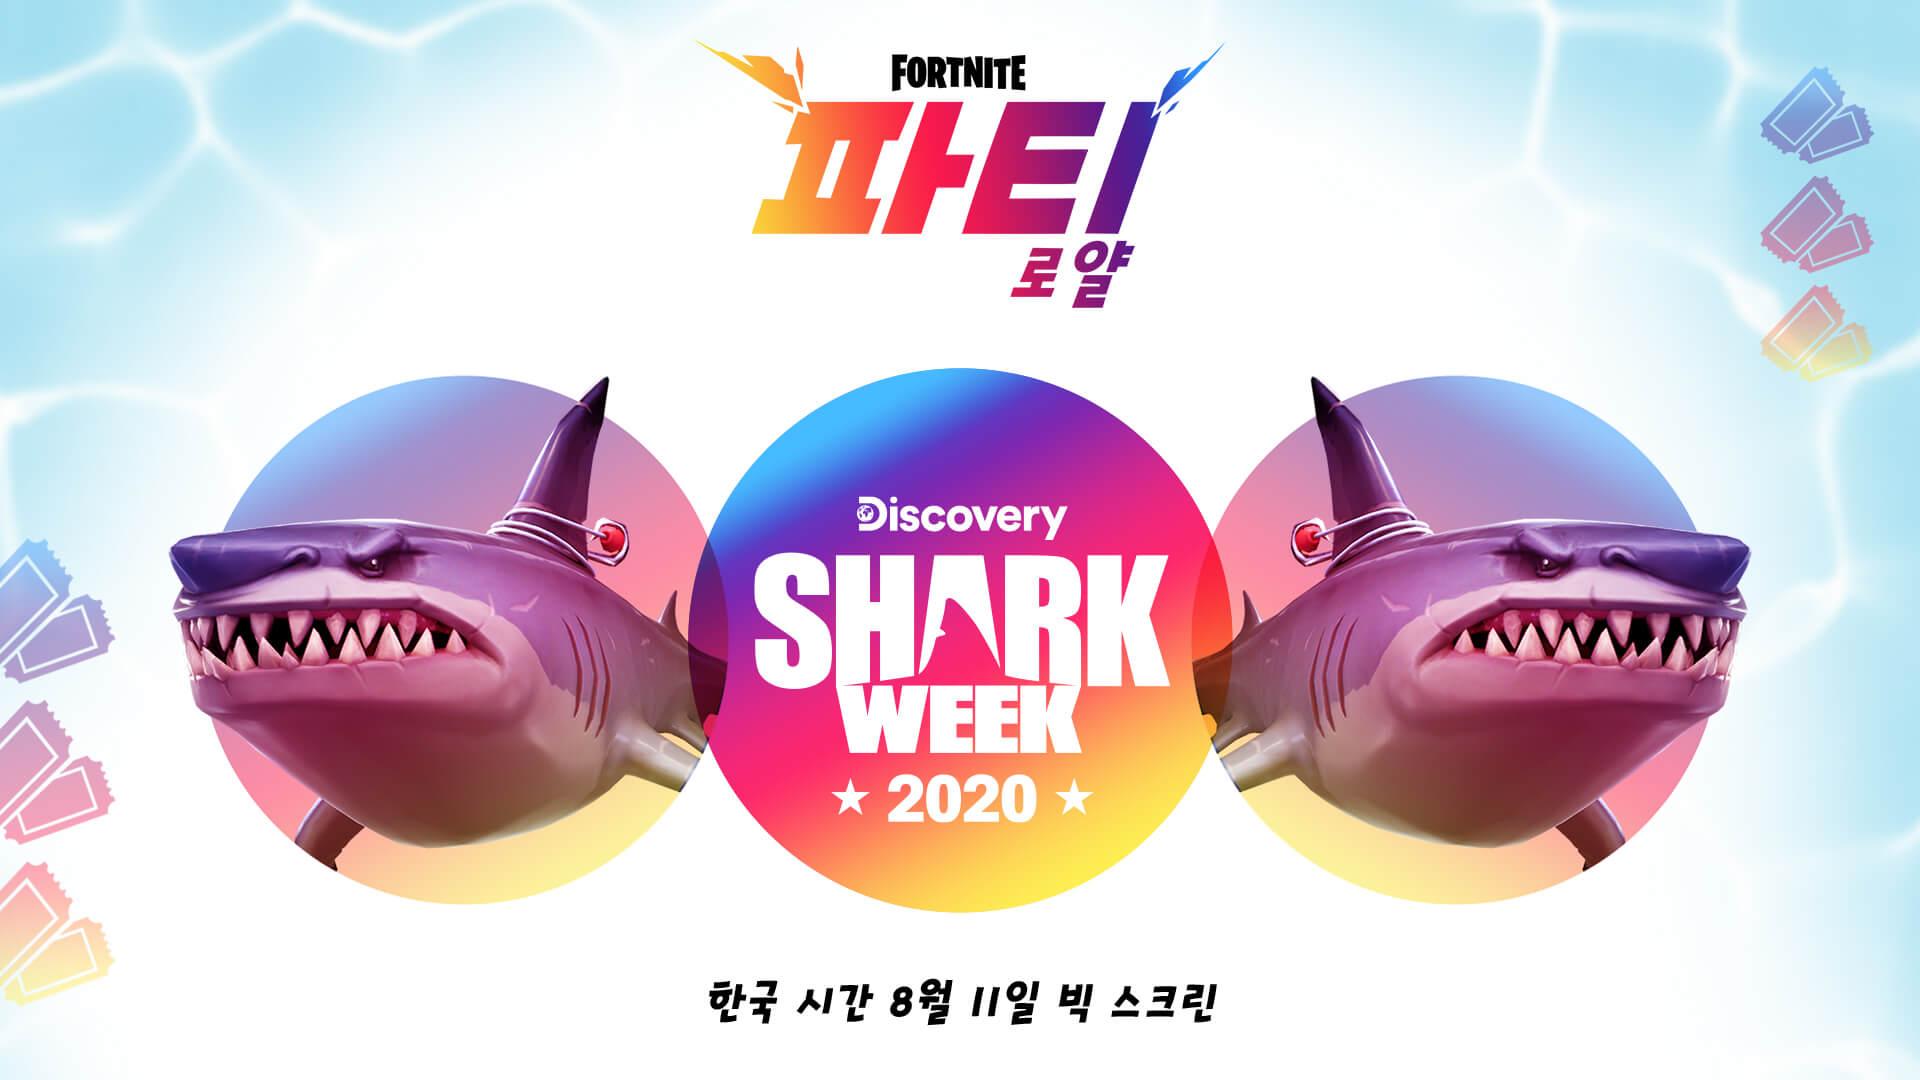 KR 13PR SharkWeek Announce Social